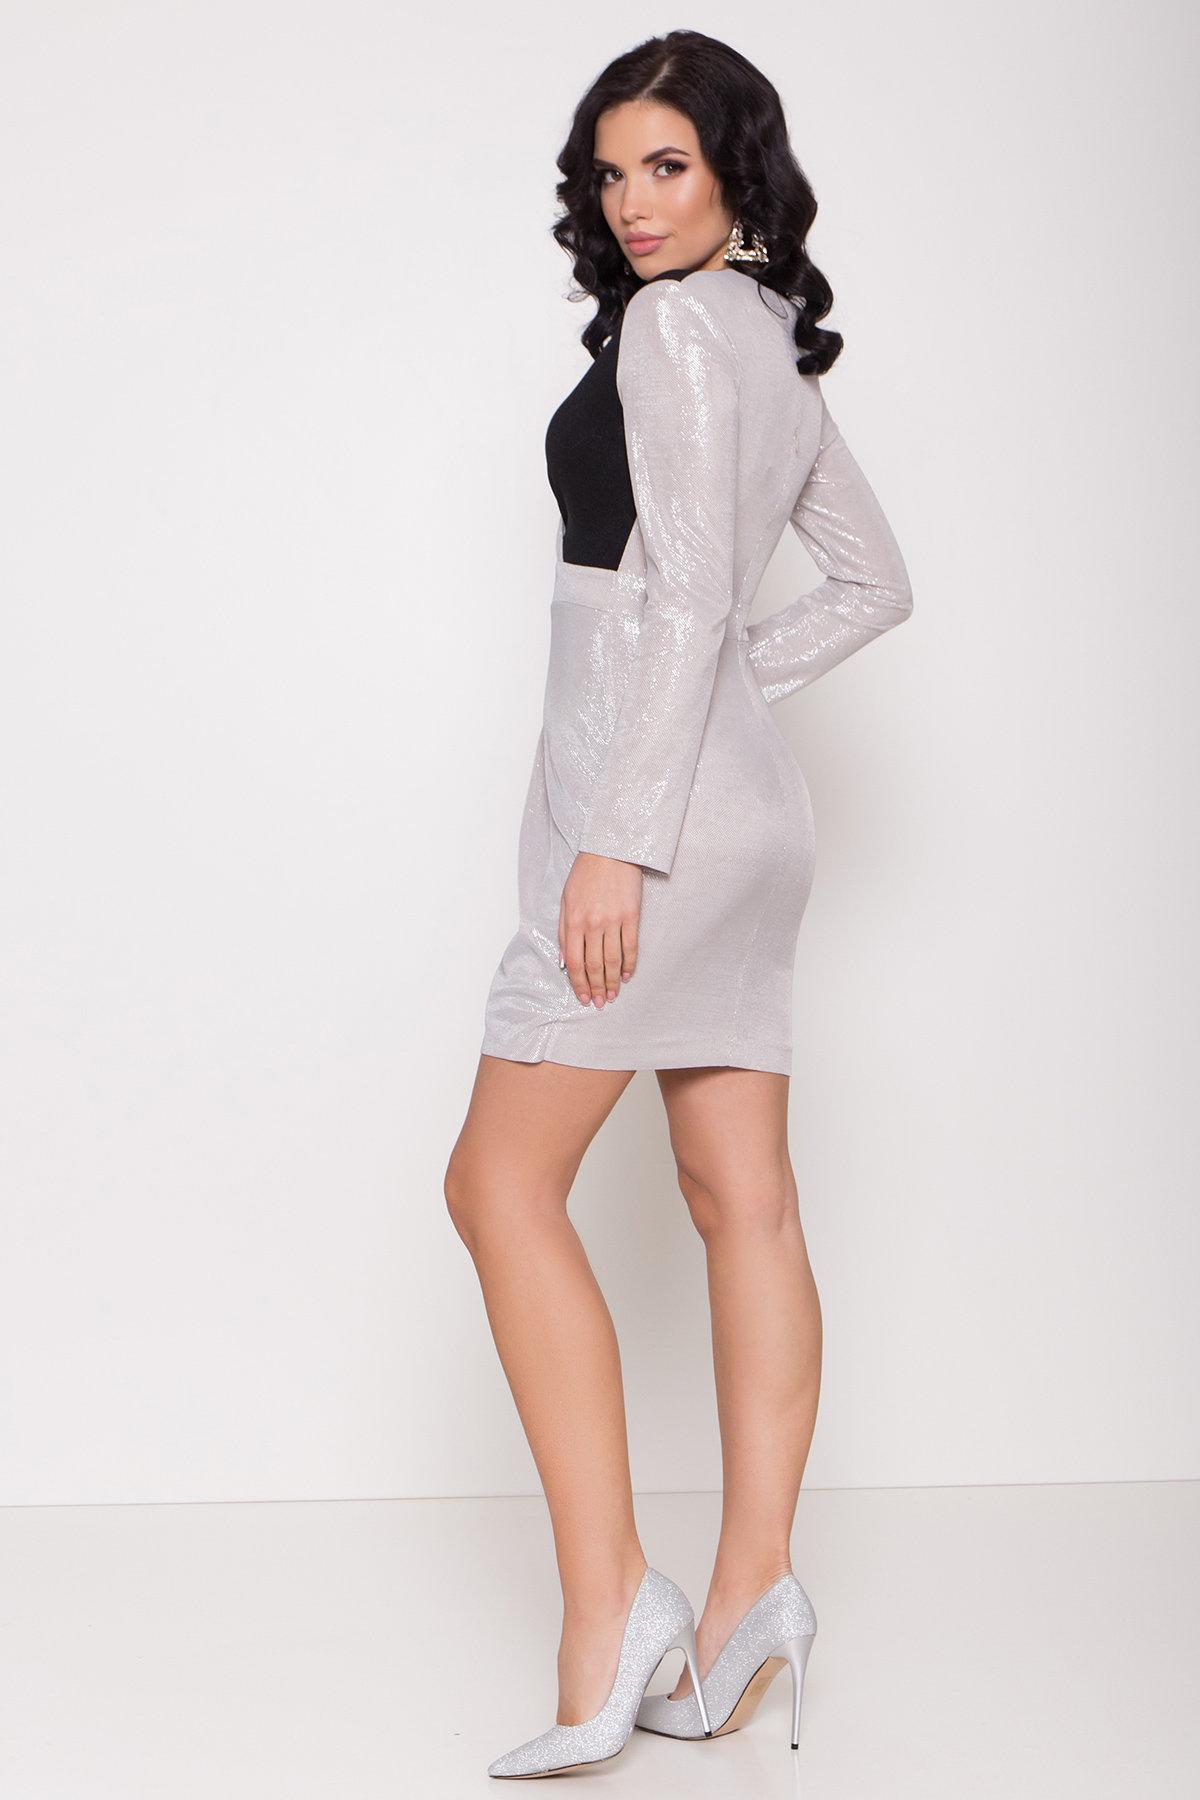 Контрастное двухцветное платье Блеск 8670 Цвет: Серебро/черный